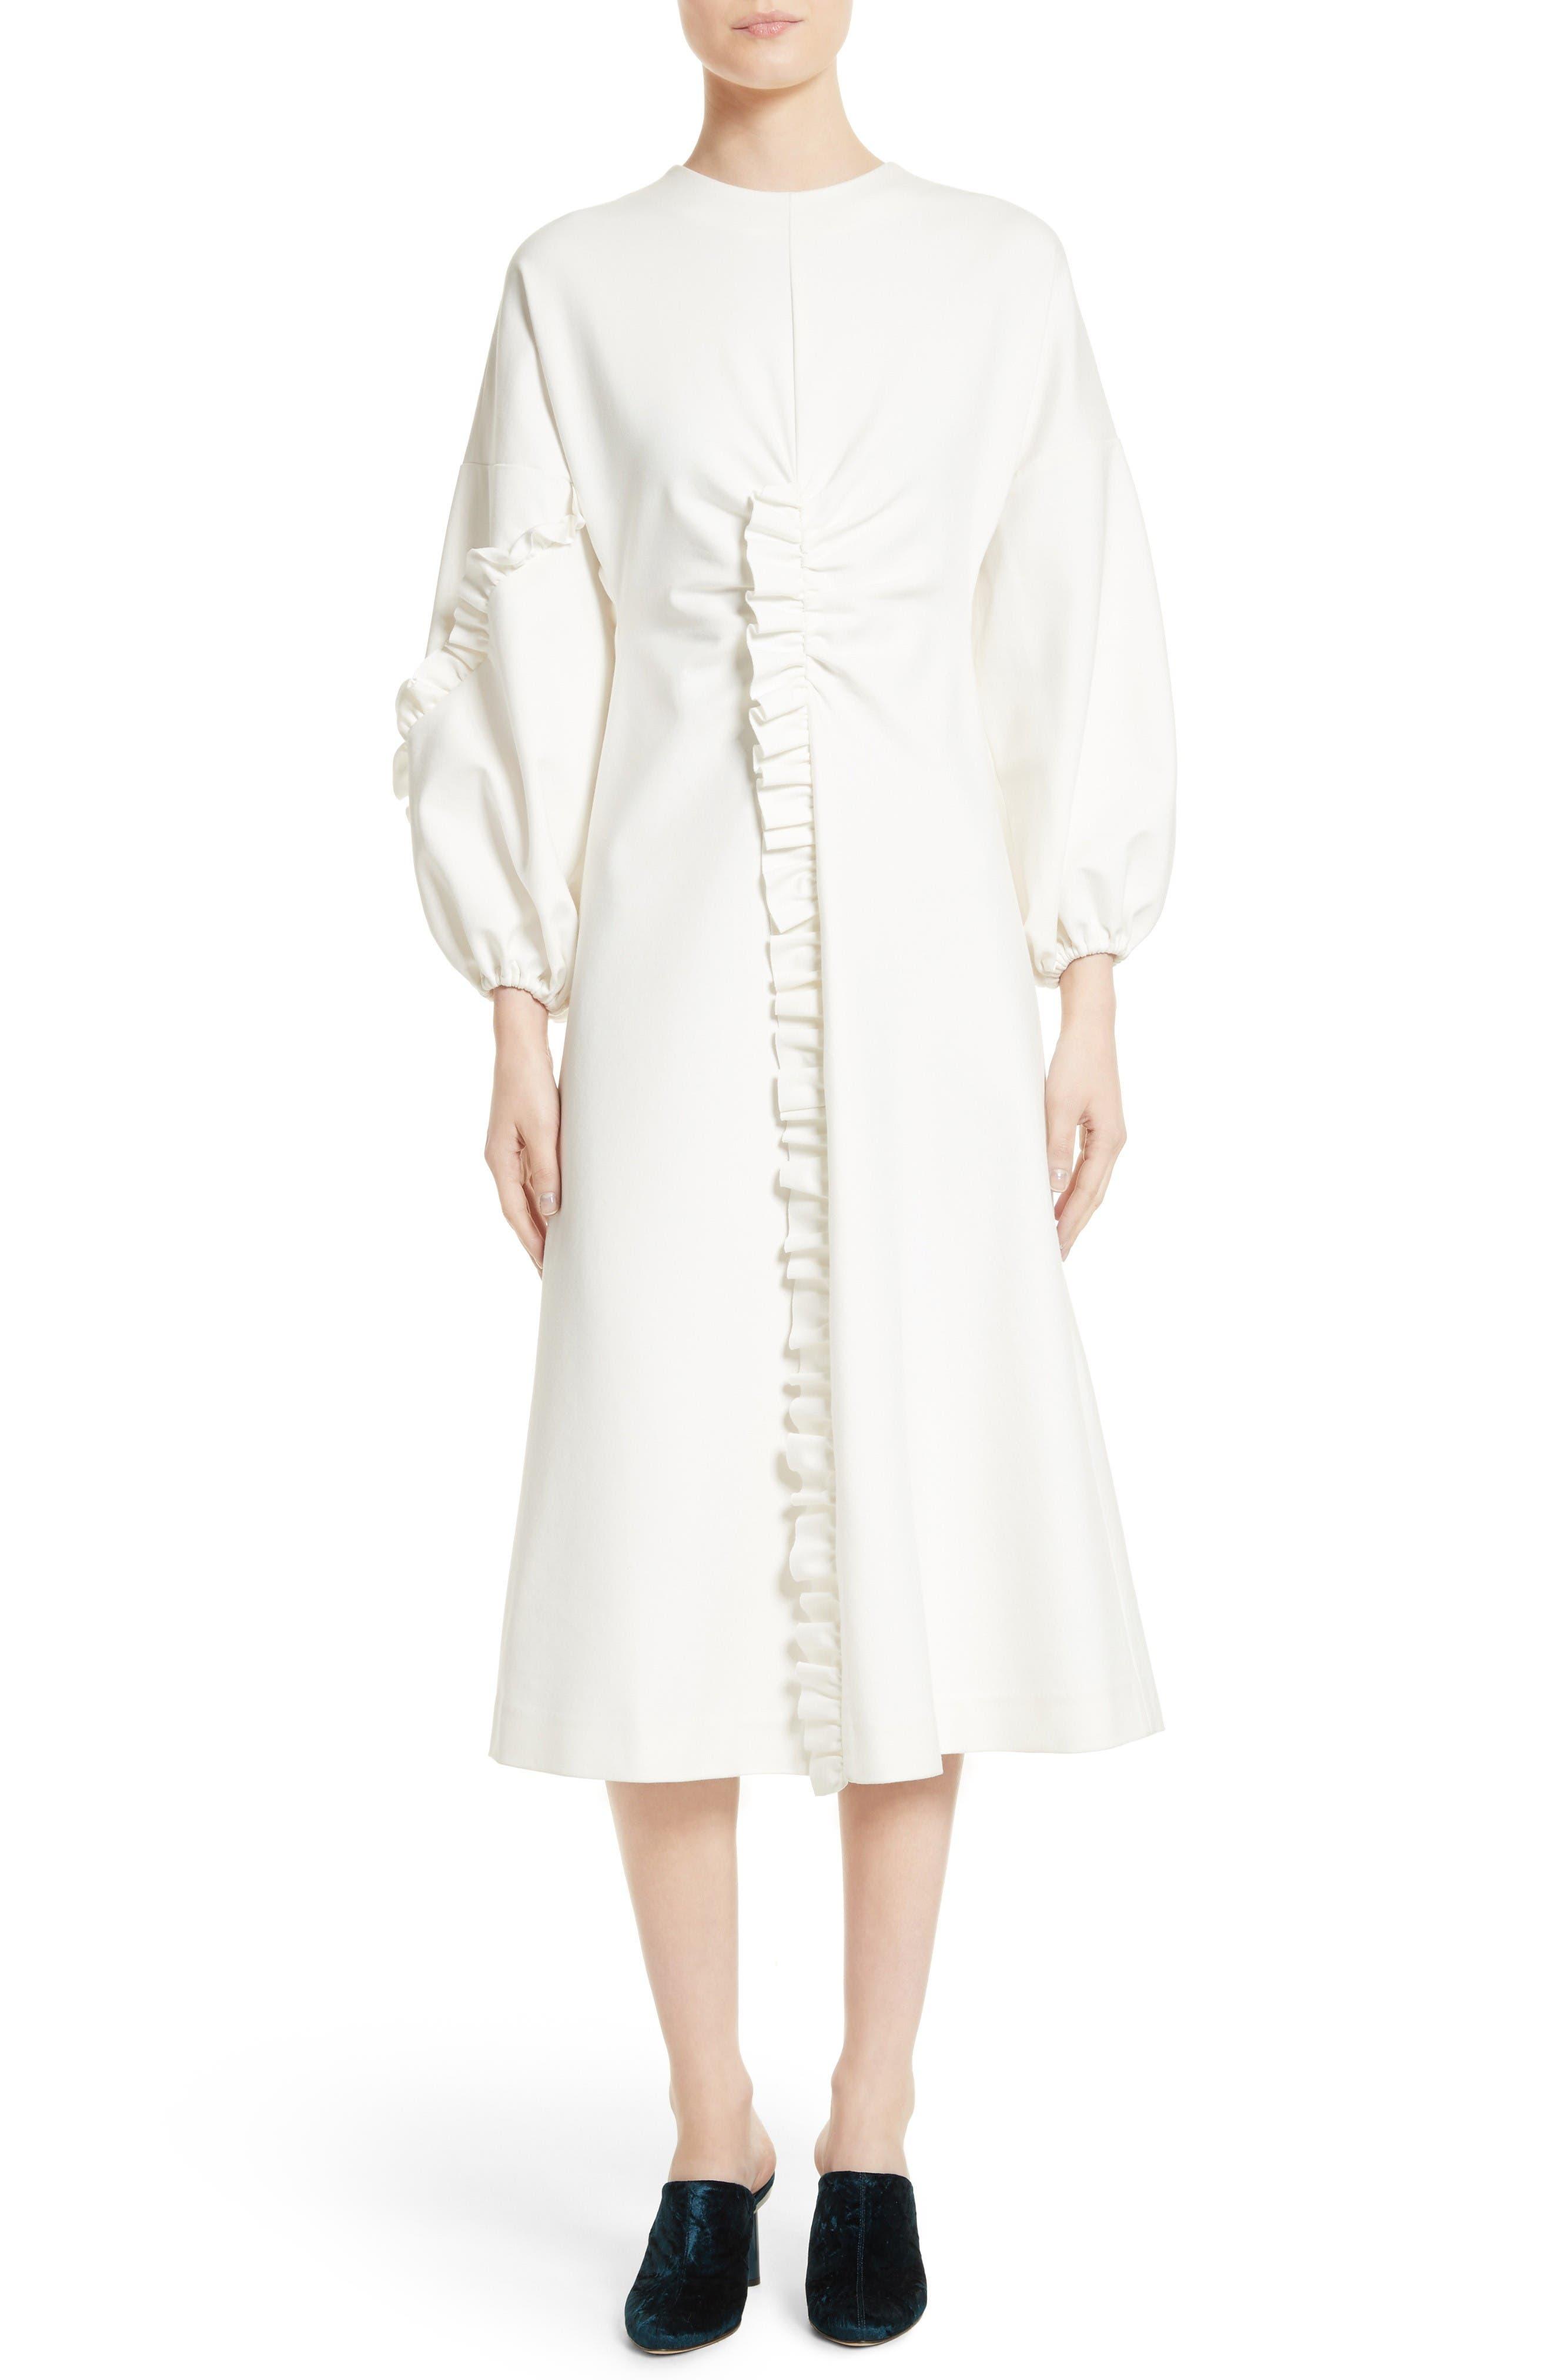 Tibi Bond Street Knit Midi Dress